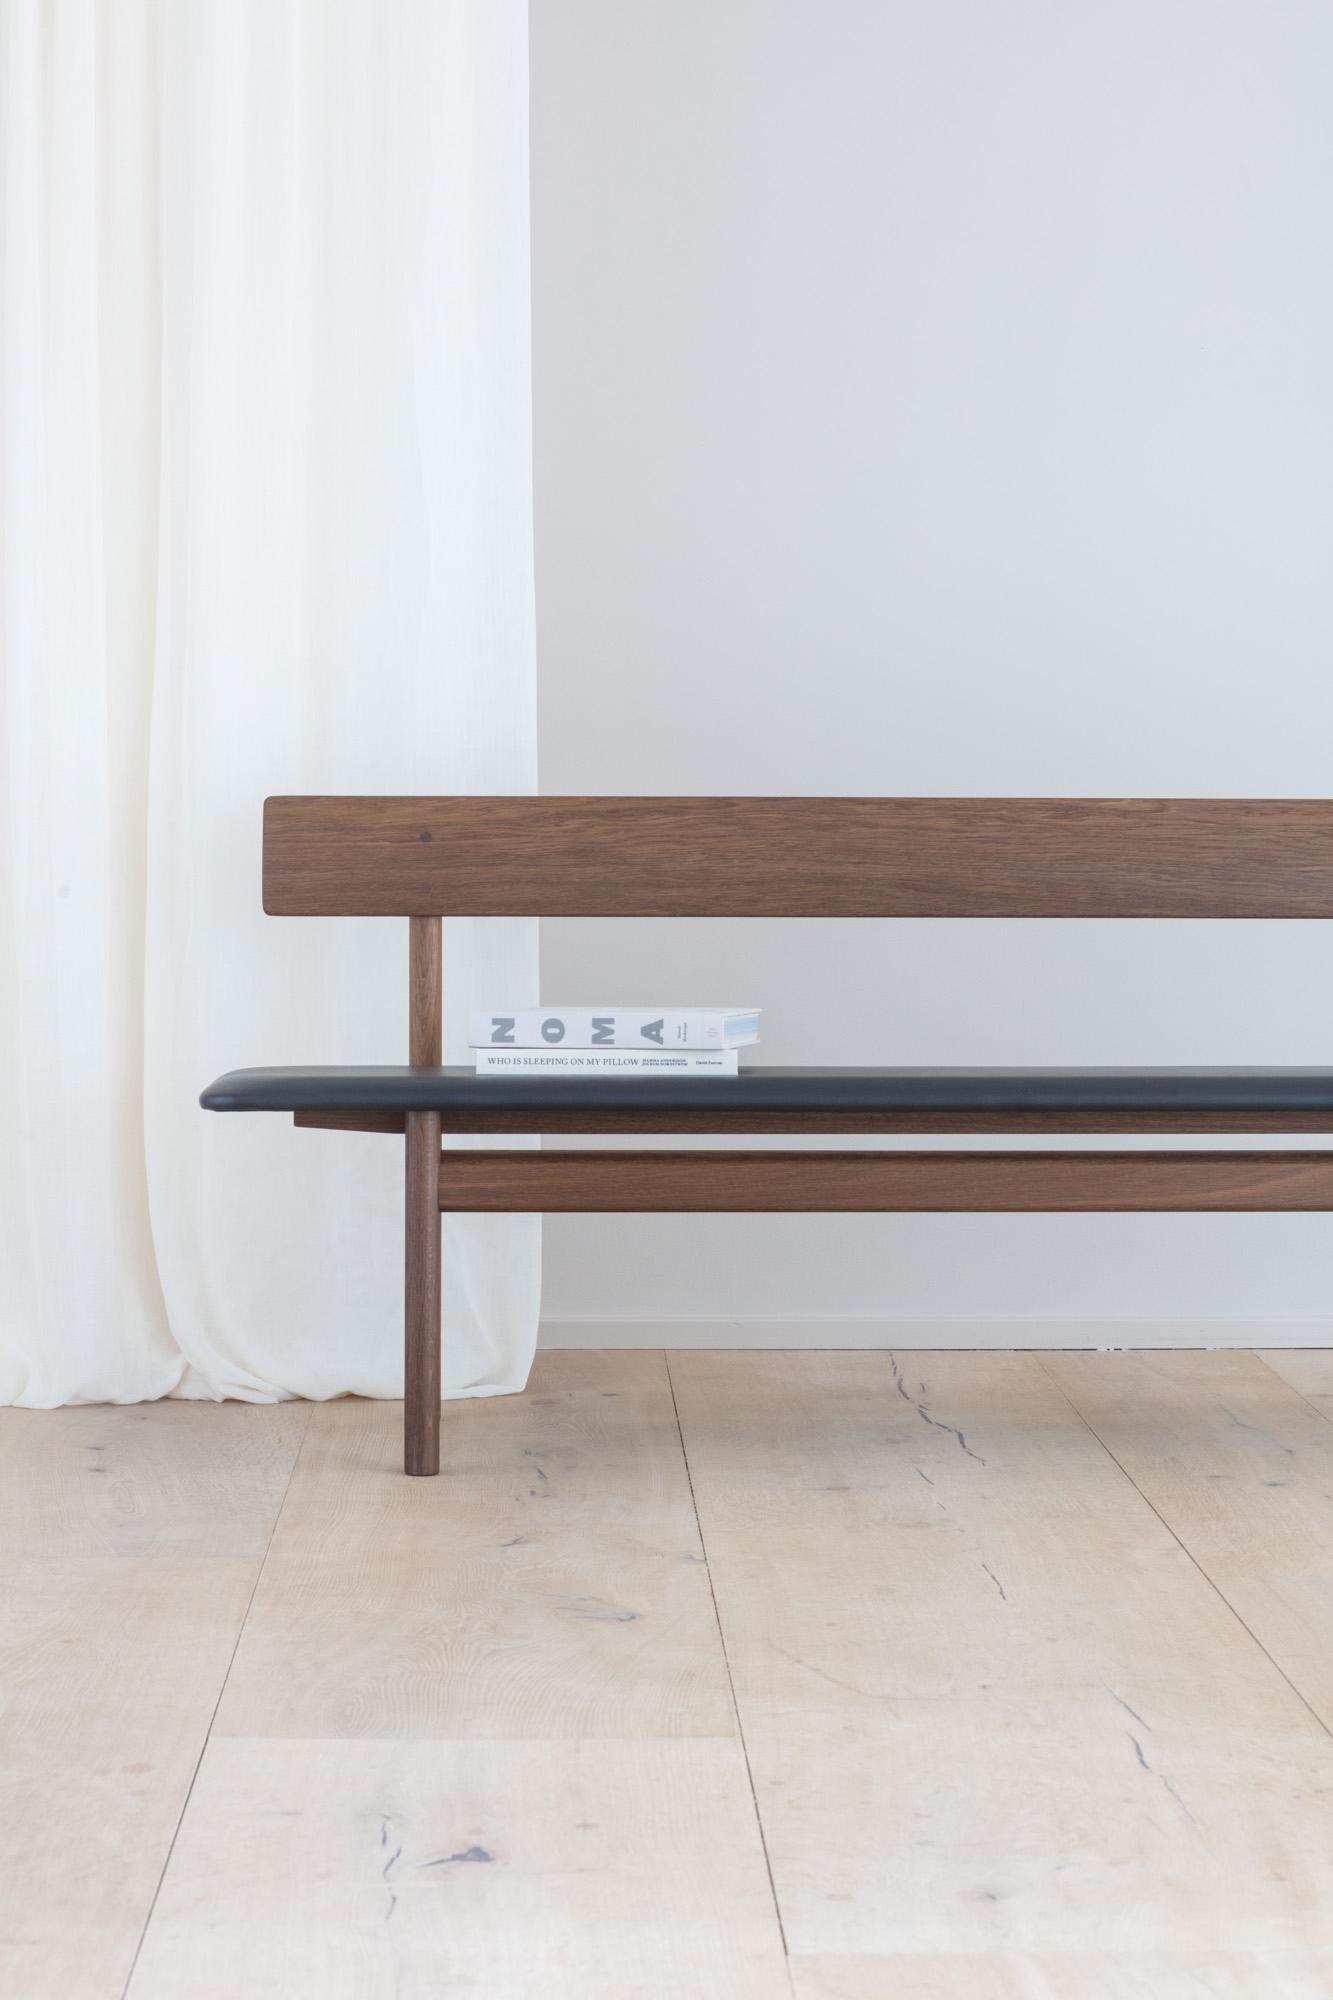 Fredericia_Furniture_19.09.17_9456-RT.jpg